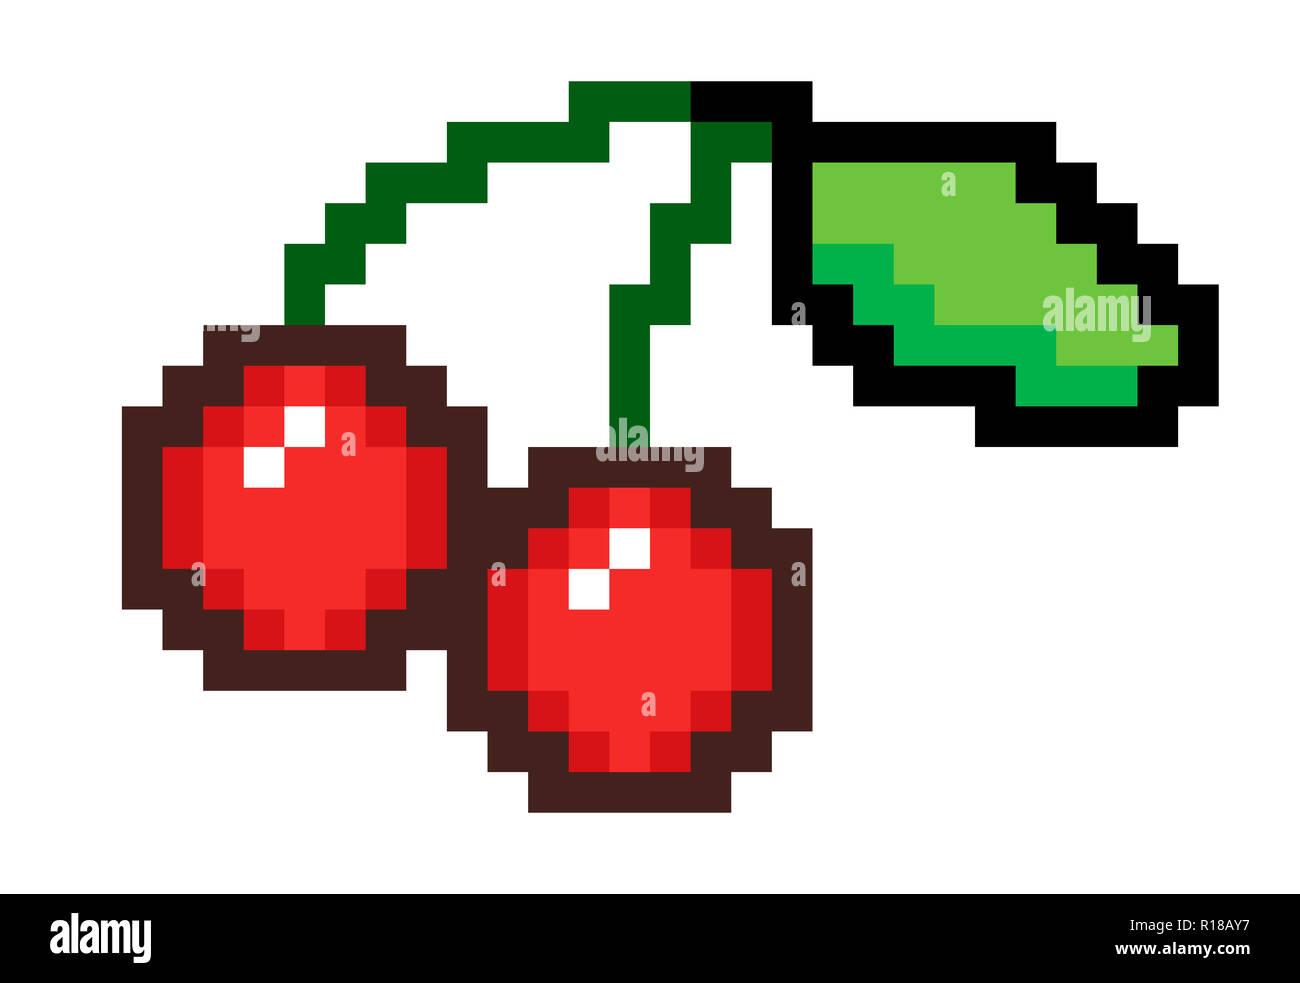 Pixel Art Une Paire De Cerises Rouges Mures Unis Par Les Tiges Avec Une Petite Feuille A La Fin Photo Stock Alamy